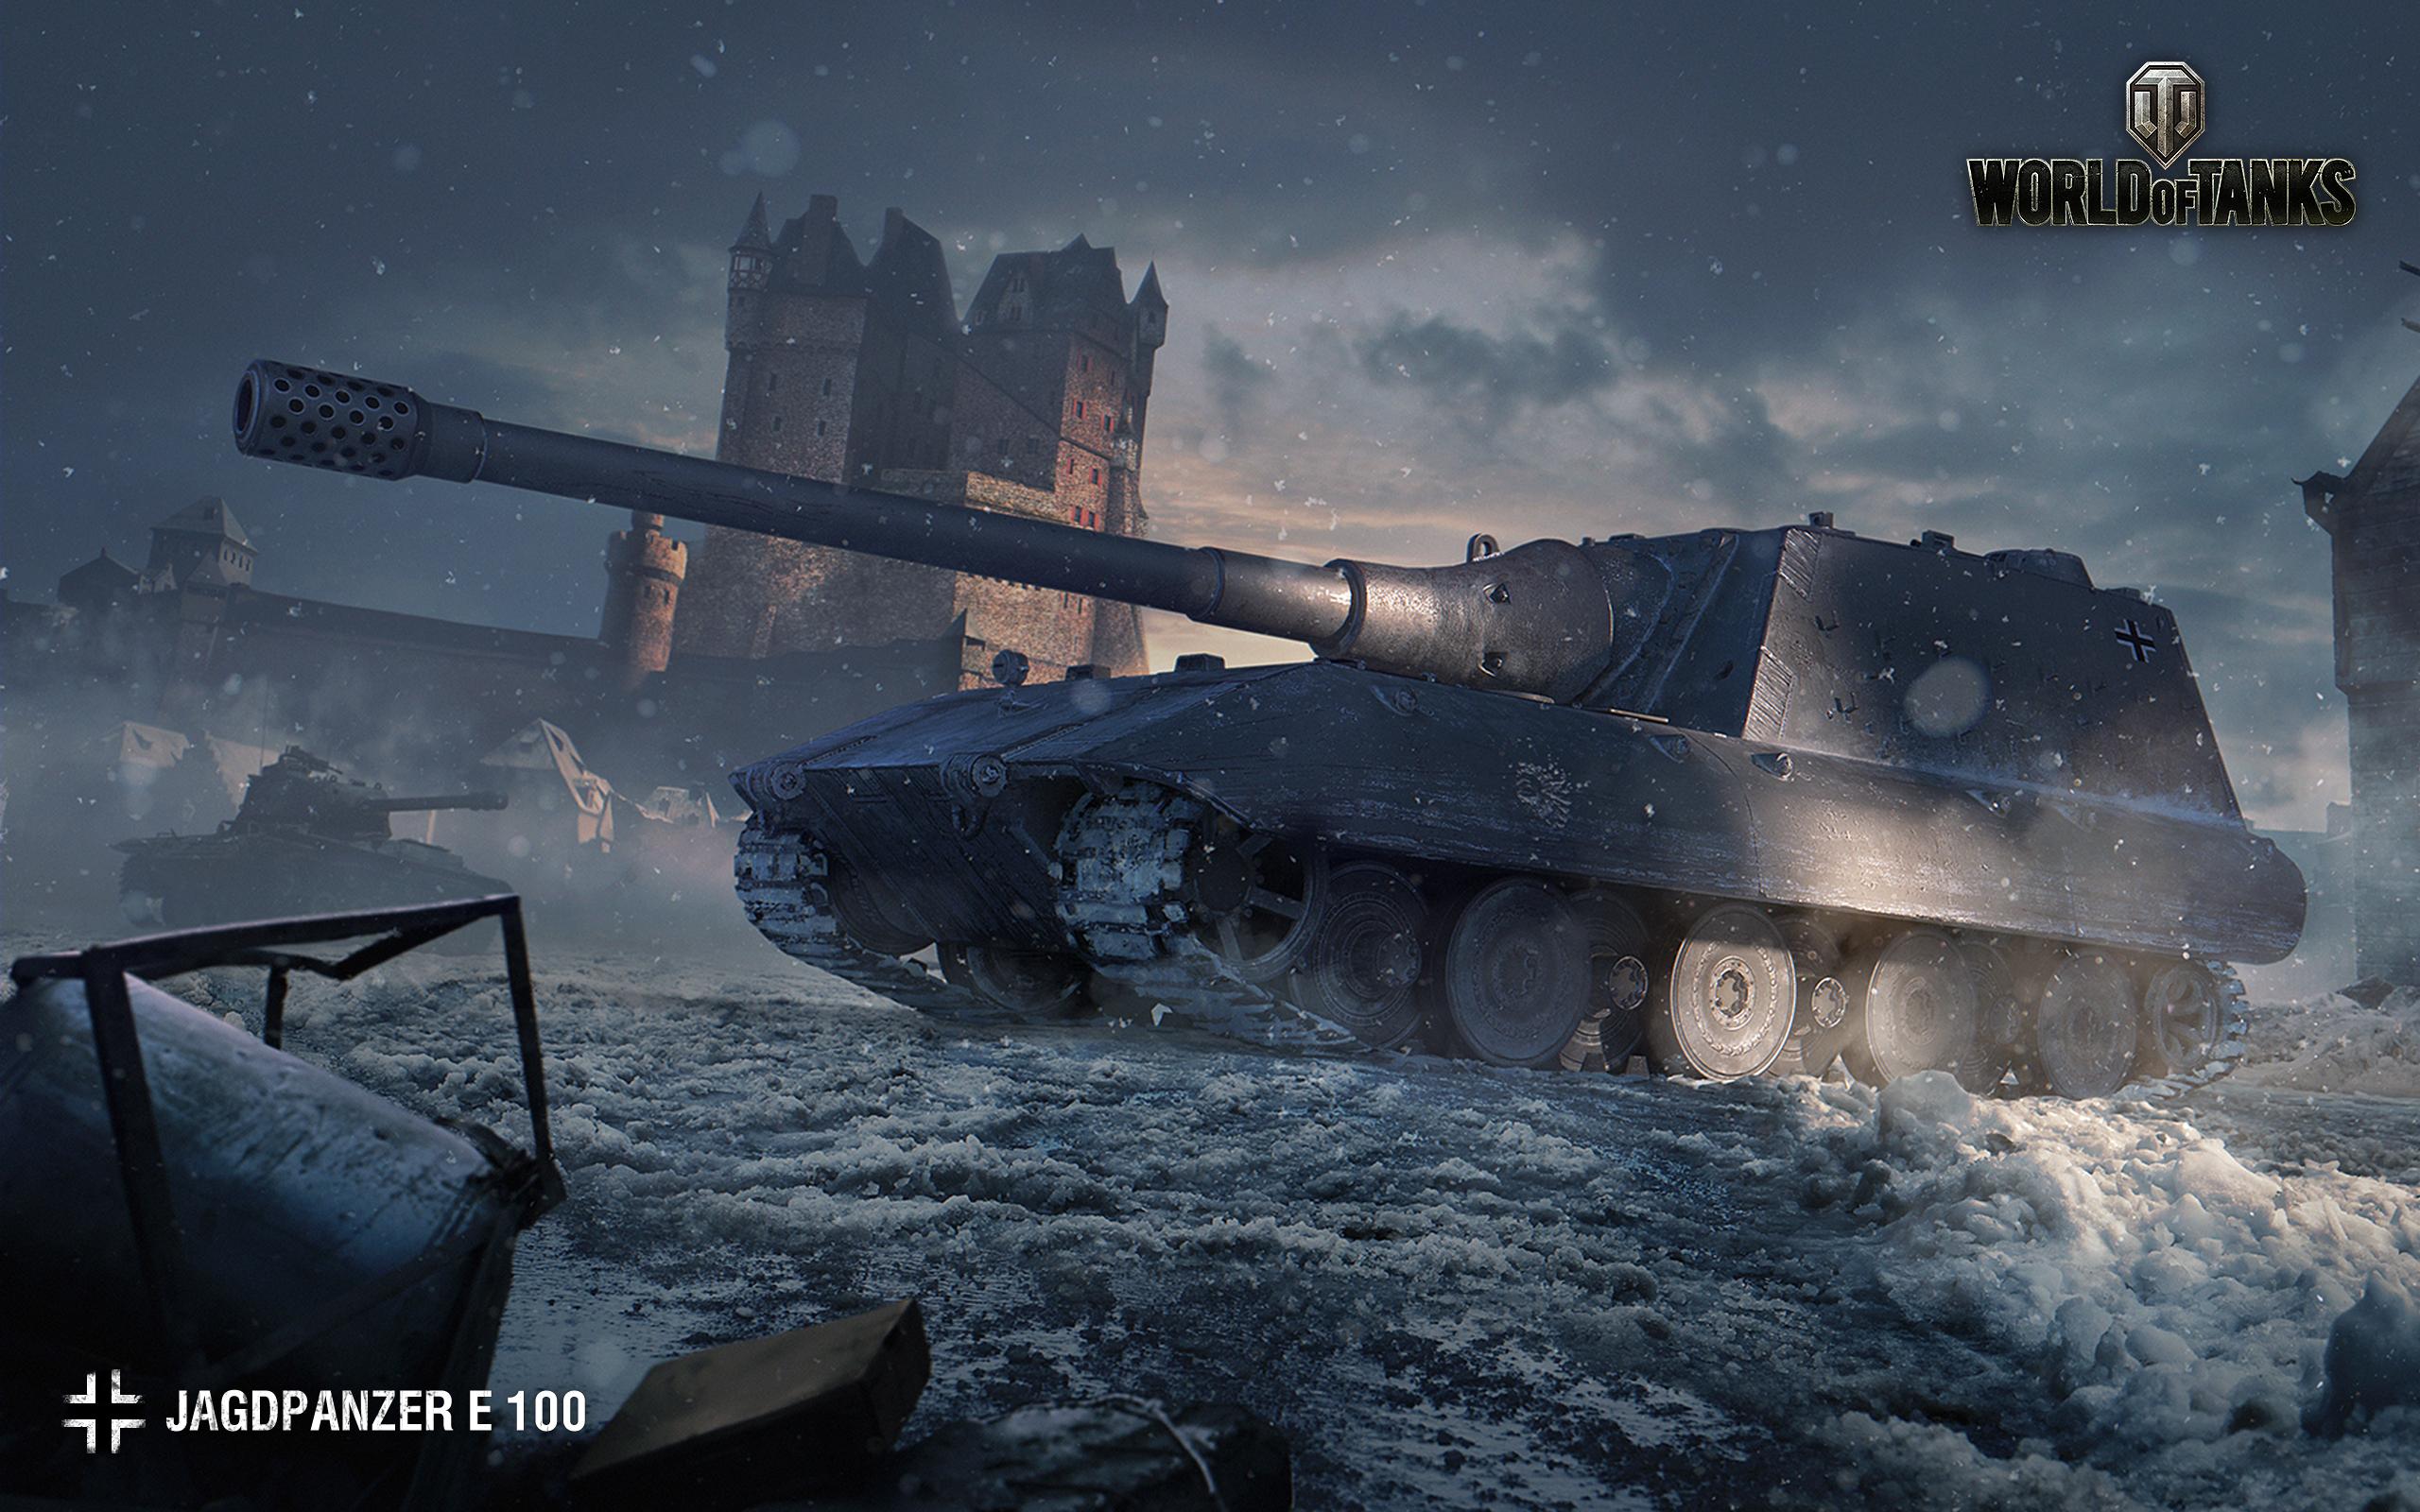 Обои для рабочего стола World of Tanks Самоходка Jagdpanzer E 100 Игры 2560x1600 WOT САУ компьютерная игра